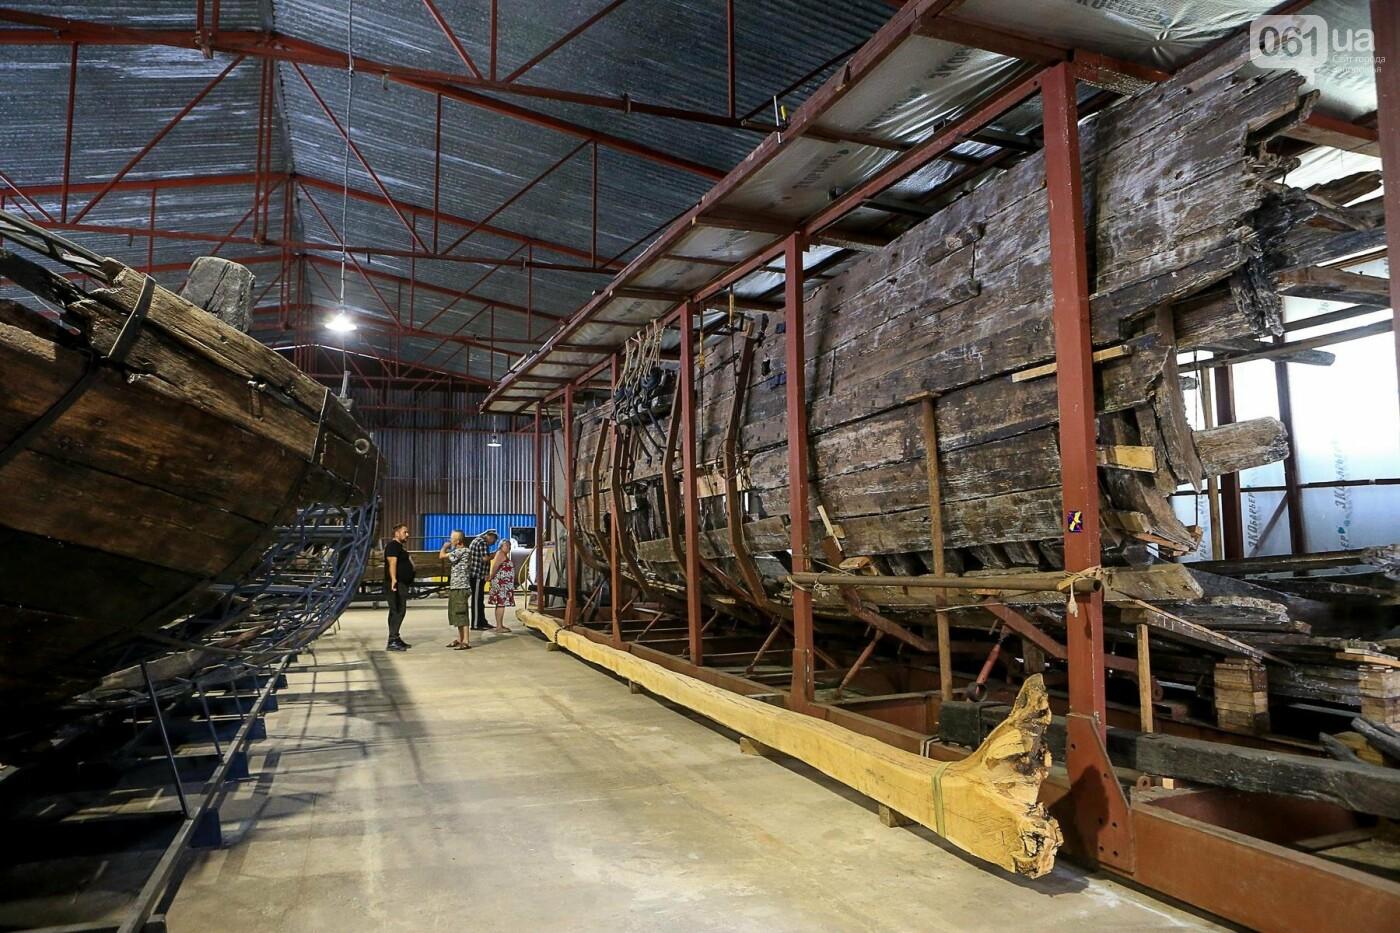 «Ты не понял, мы нашли второе судно»: как запорожские археологи нашли два корабля и зачем им 200 тысяч, - ФОТОРЕПОРТАЖ, фото-8